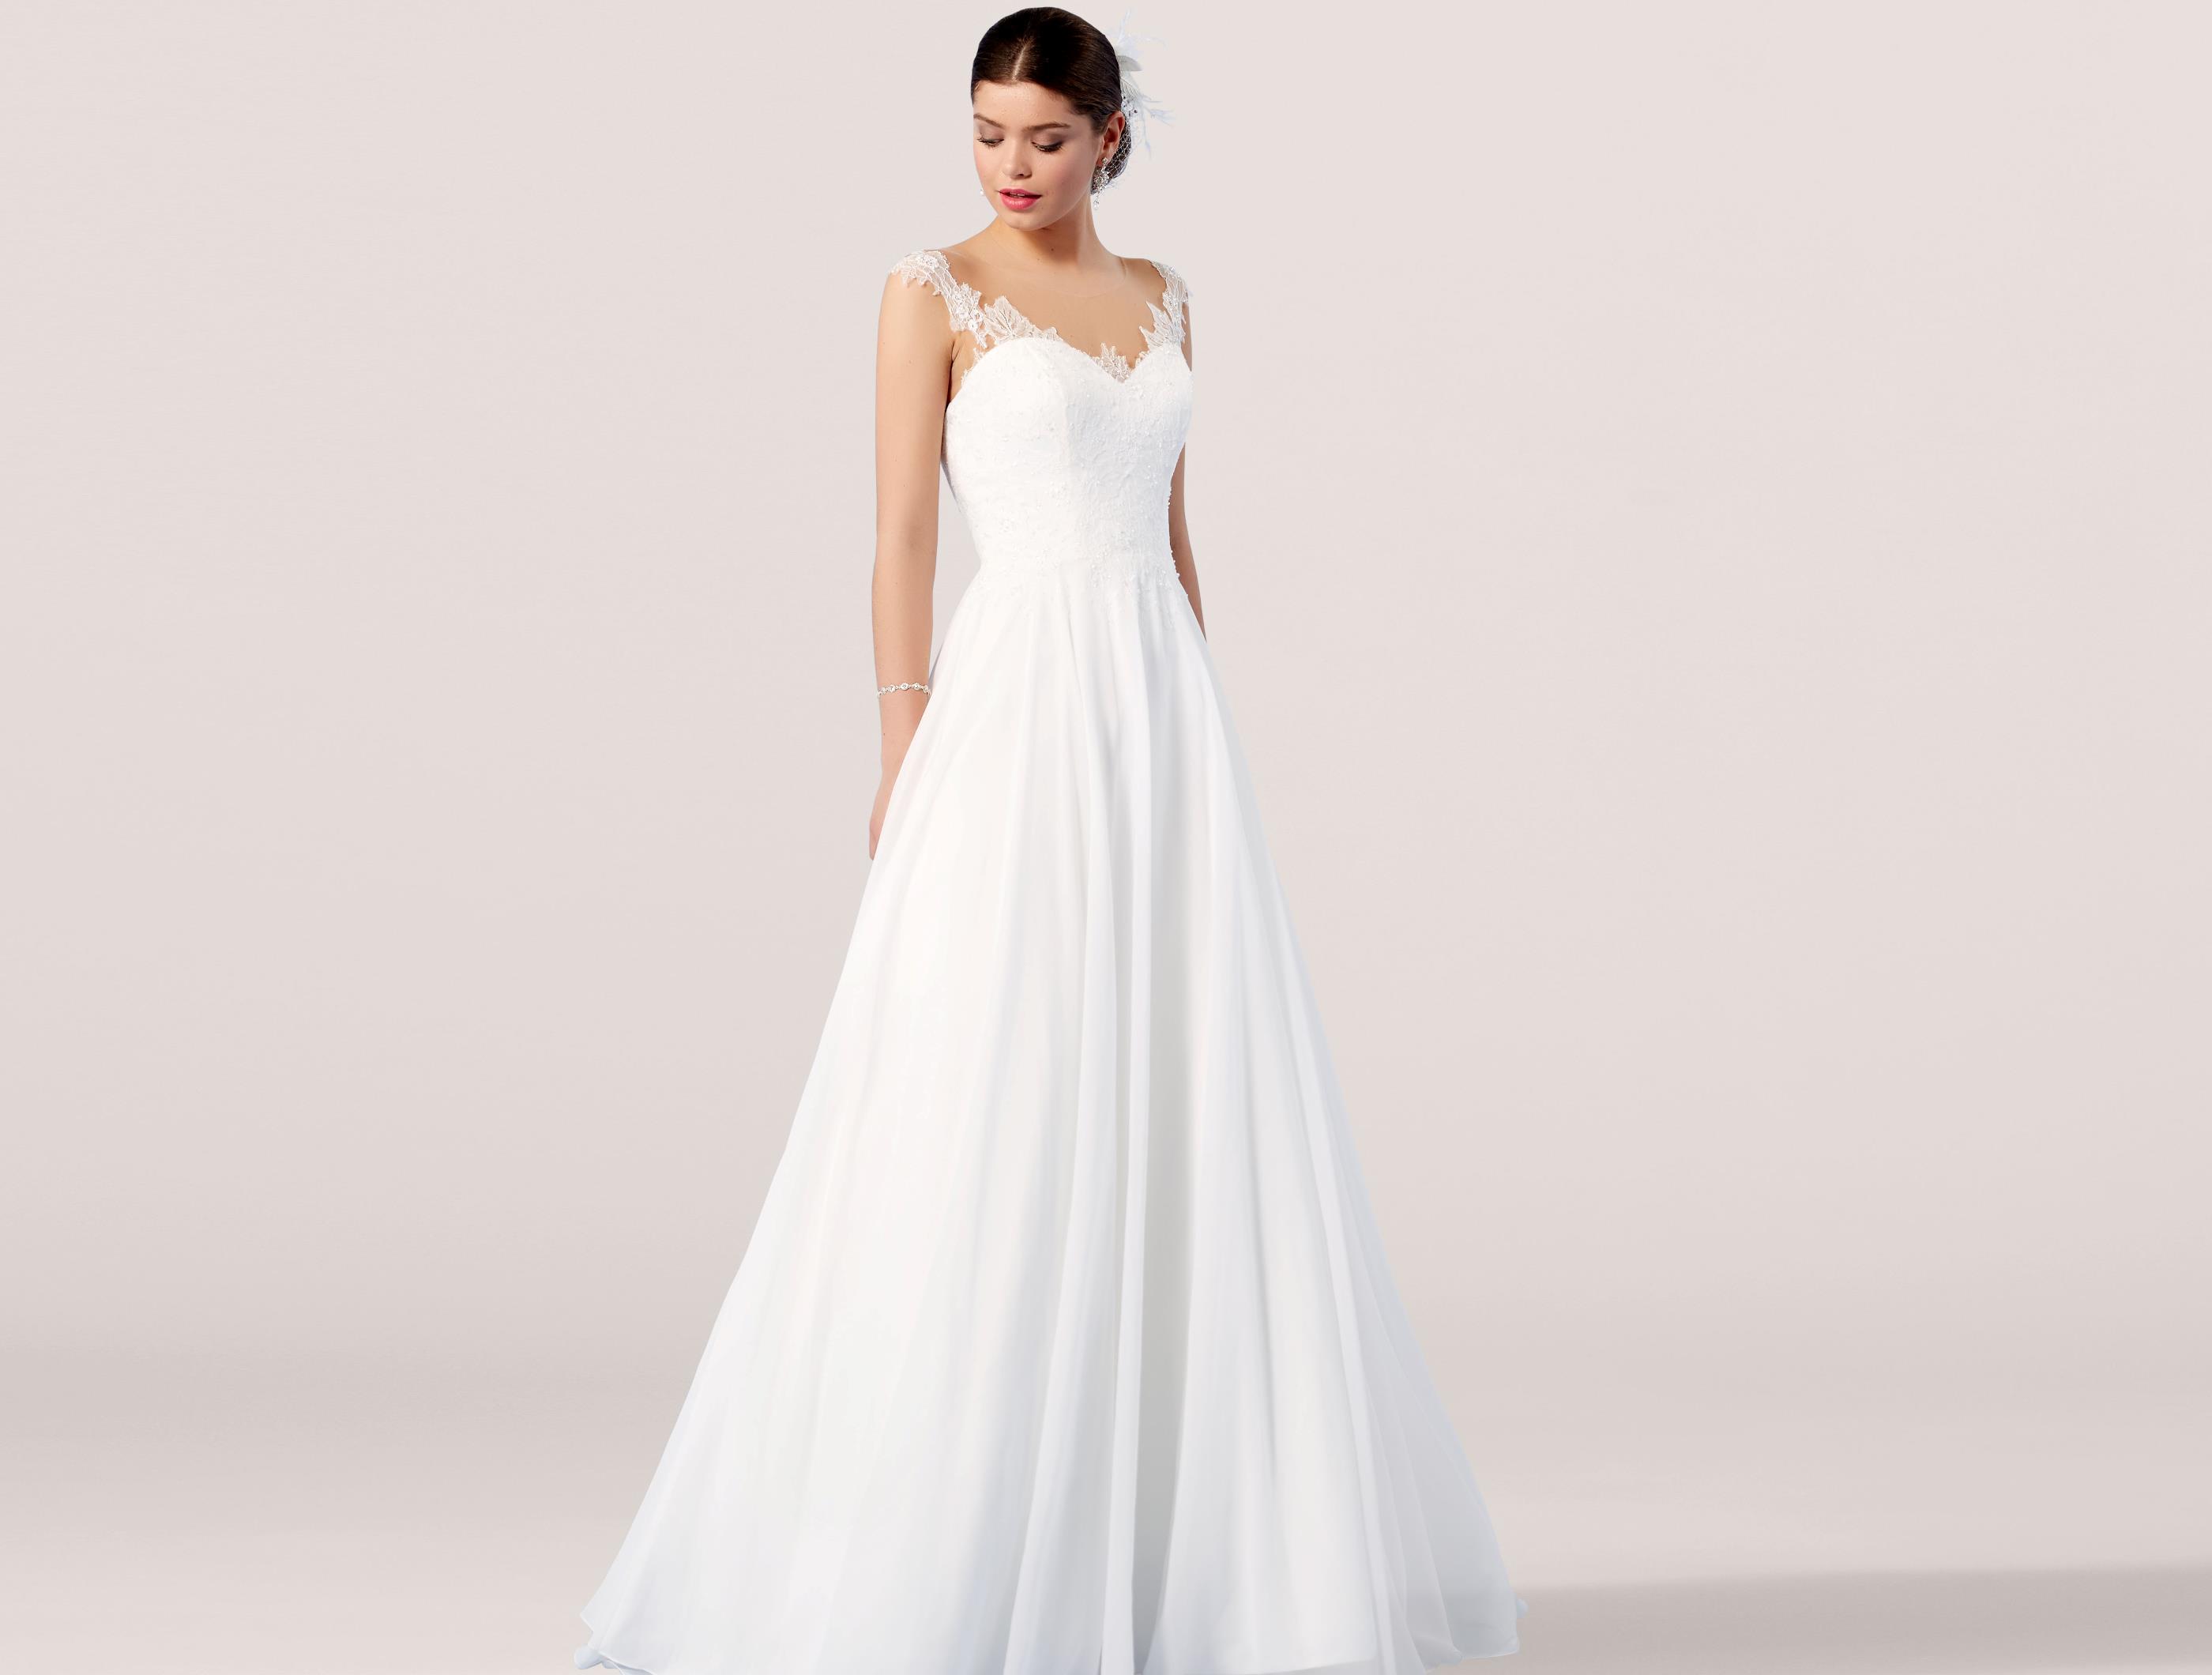 786ae4c78bc2 Brudklänning Från Lilly Leveranstid kan variera mellan 1-14 veckor Kontakta  oss gärna om du